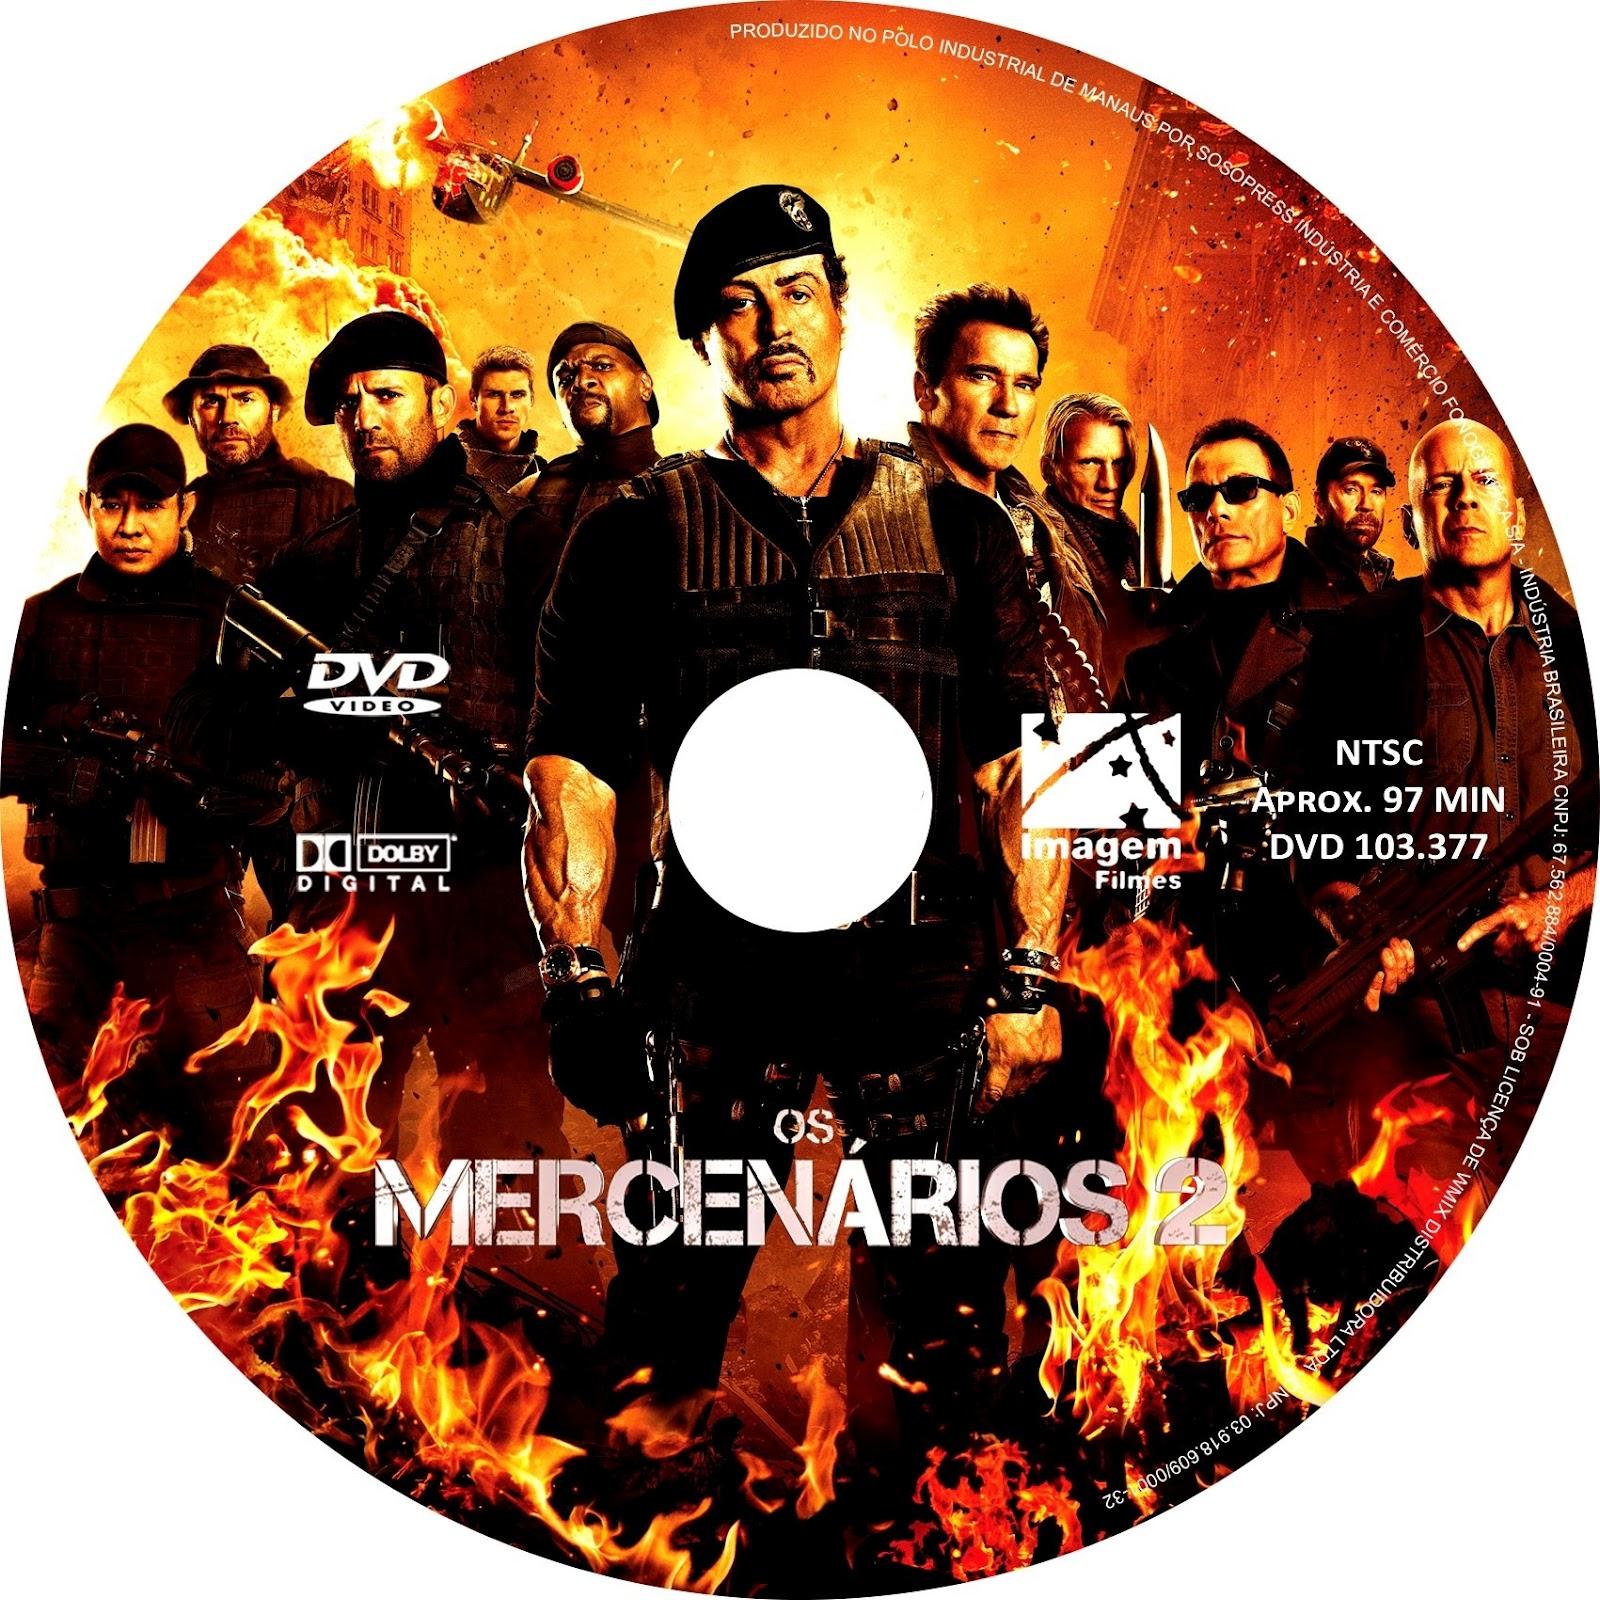 BAIXAR DVD EXALTASAMBA 2010 CD AUDIO